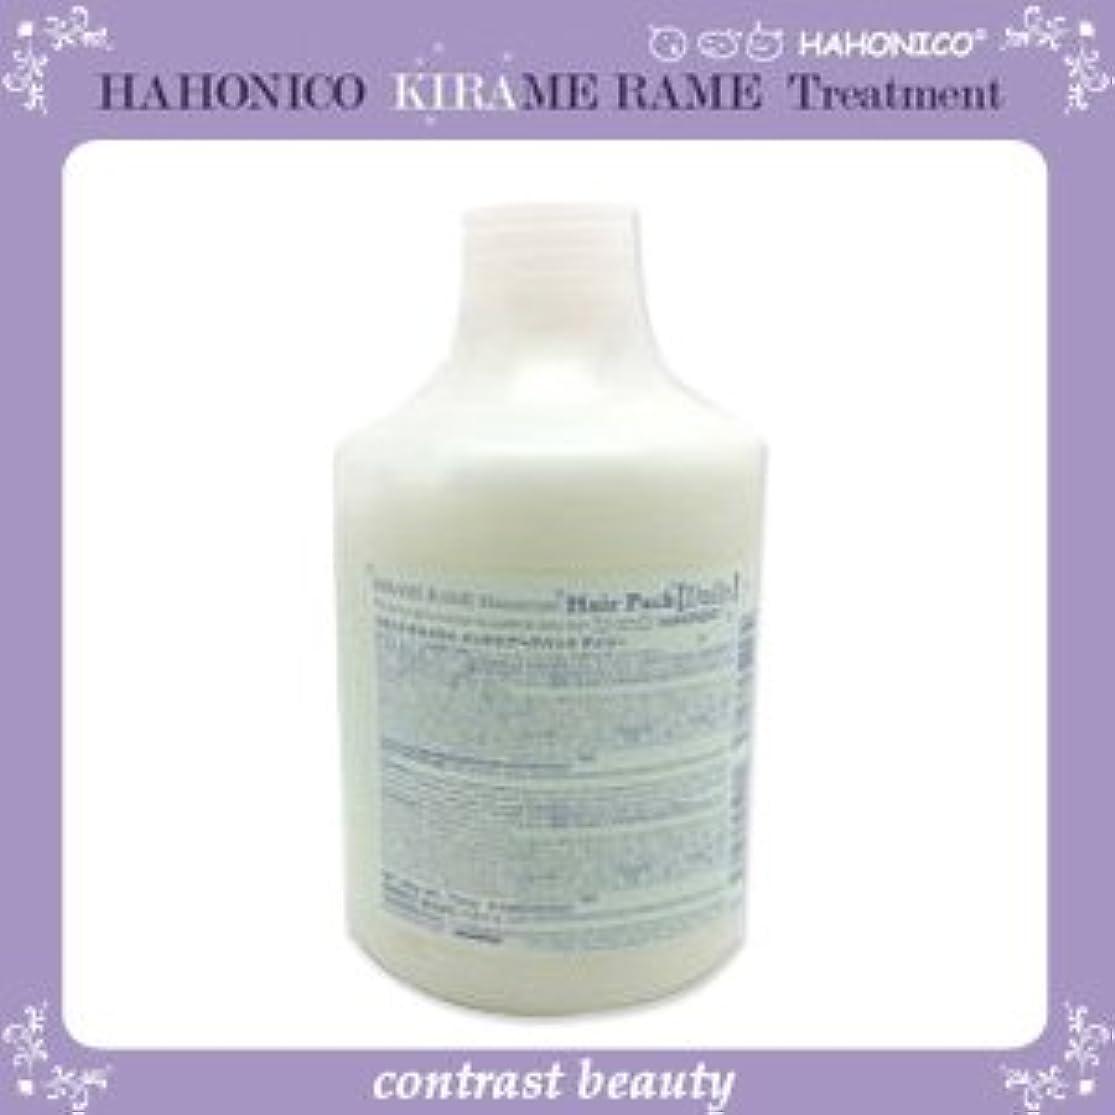 必需品満州大胆不敵【X5個セット】 ハホニコ キラメラメ メンテケアヘアパックデイリー 500g KIRAME RAME HAHONICO